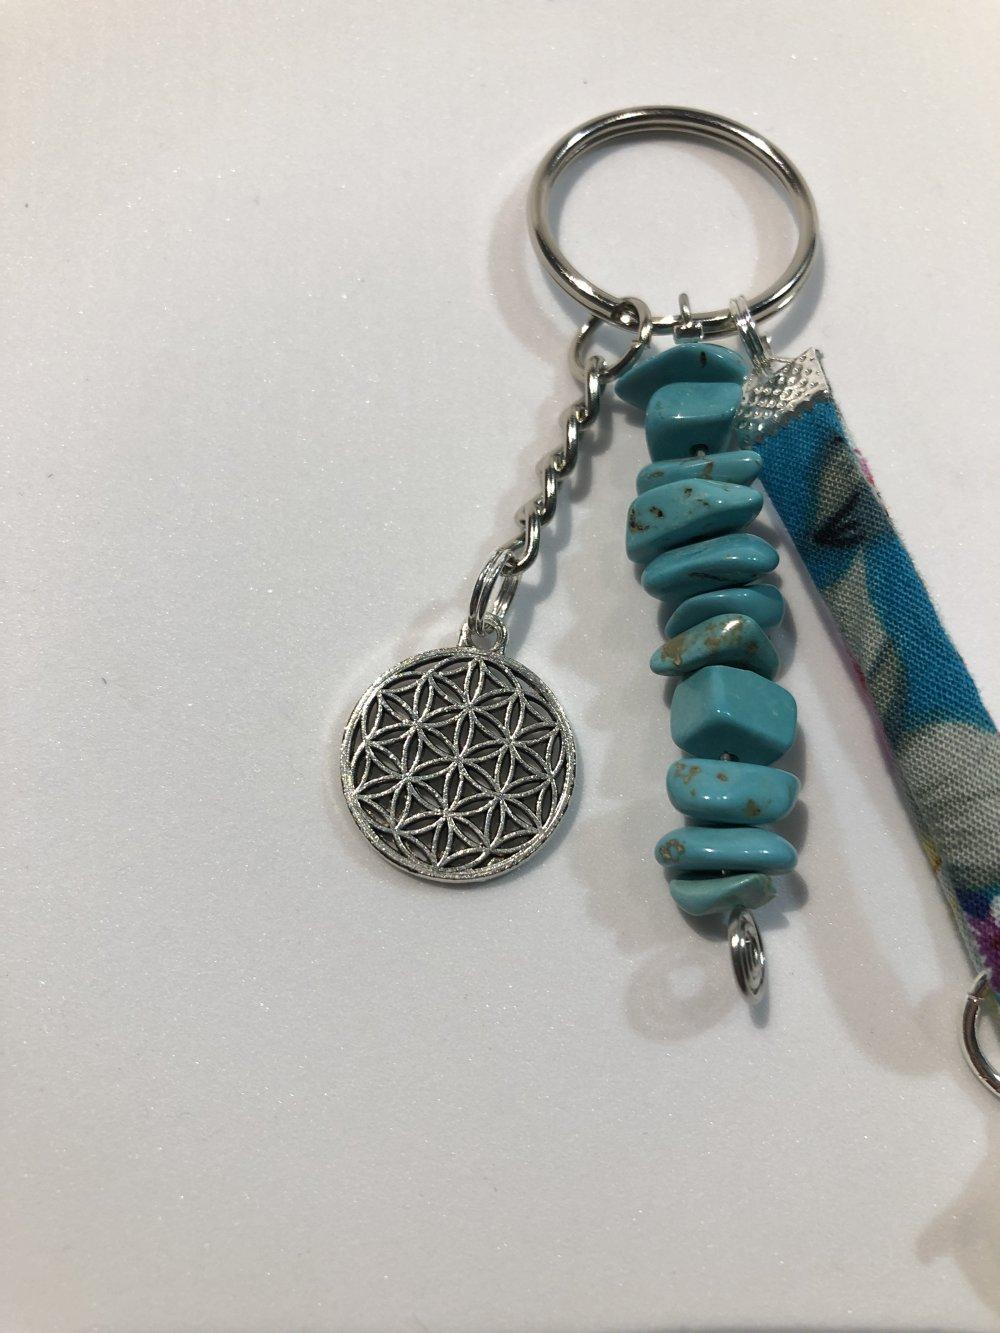 Porte-clés en pierre naturelle teintée Turquoise, aide à la communication.